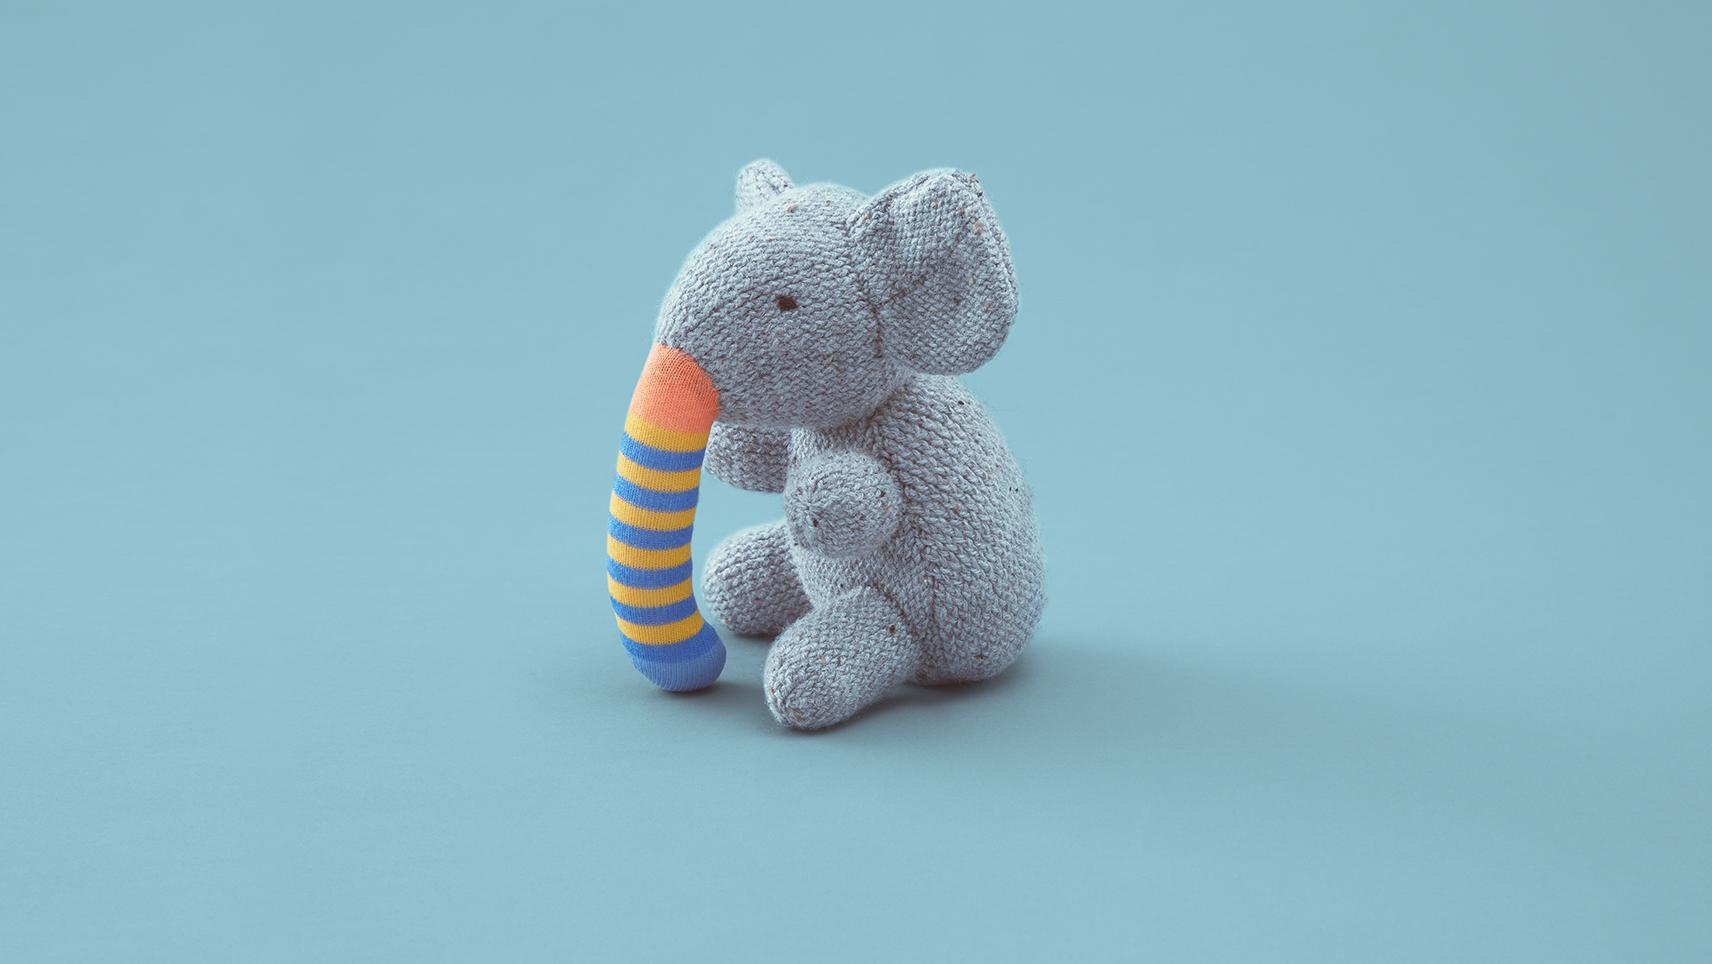 Donazione di Organi: elefante proboscide diversa